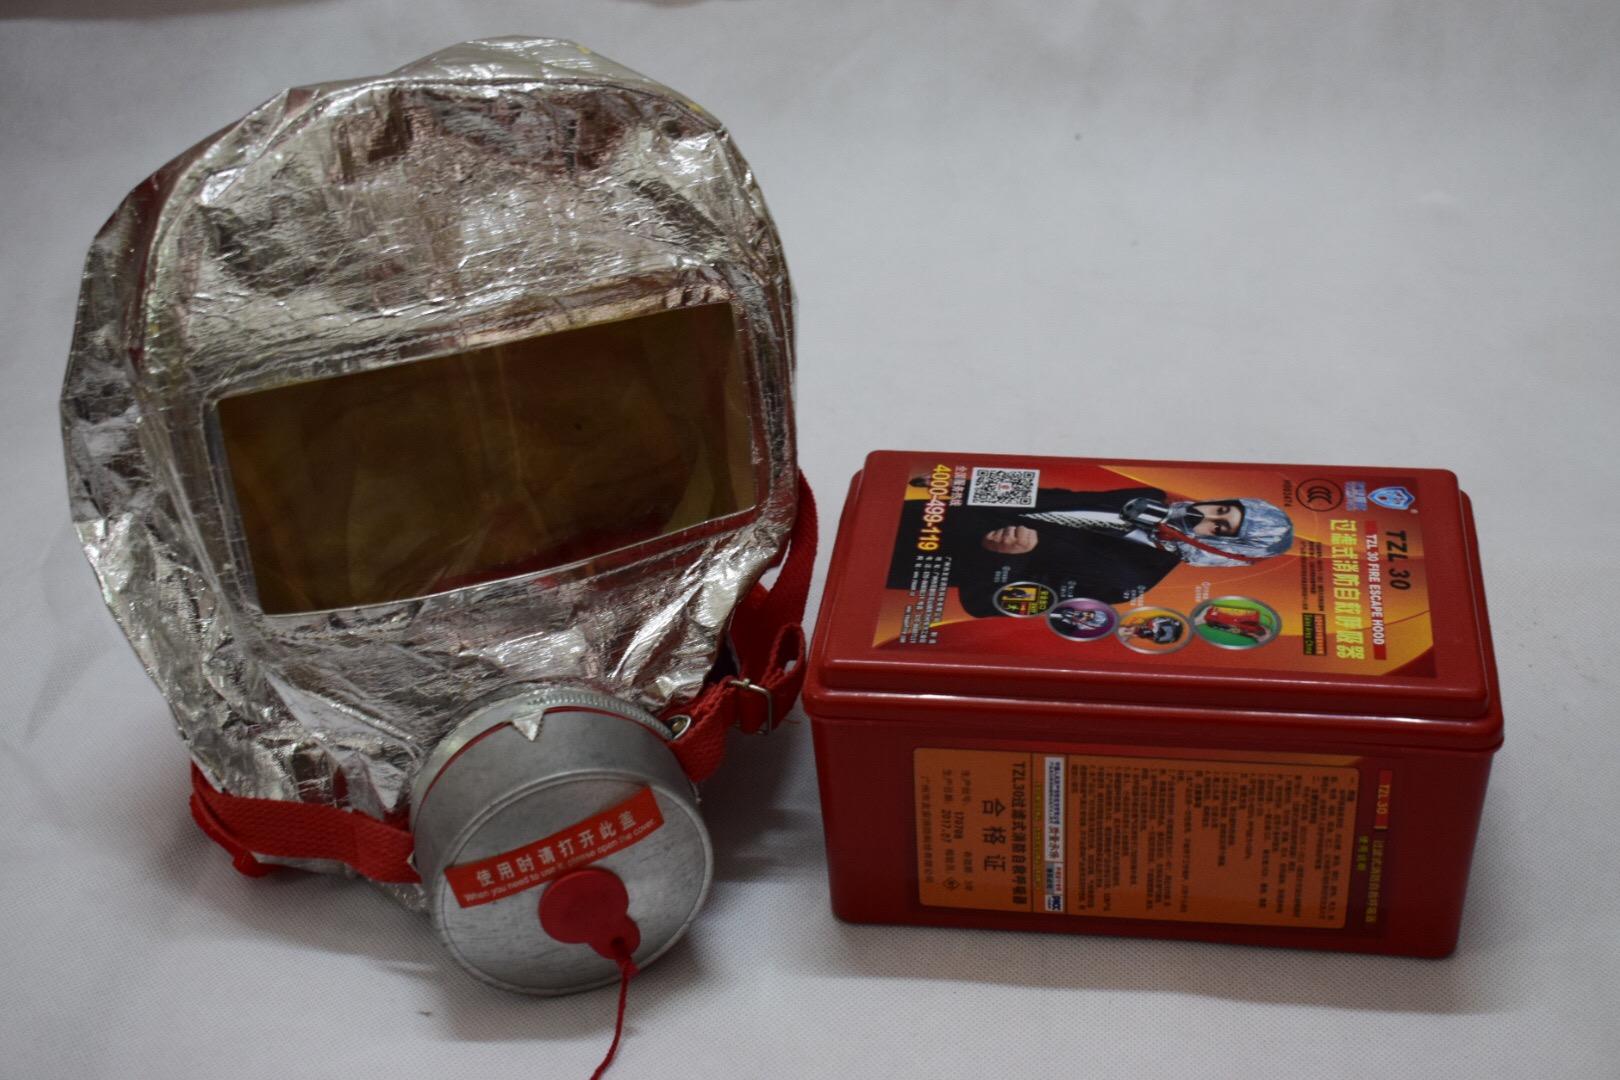 广州市防护面具批发部  广州天河区防护面具  防护面具生产厂家低价出售  广州市白云区过滤式消防自救式呼吸